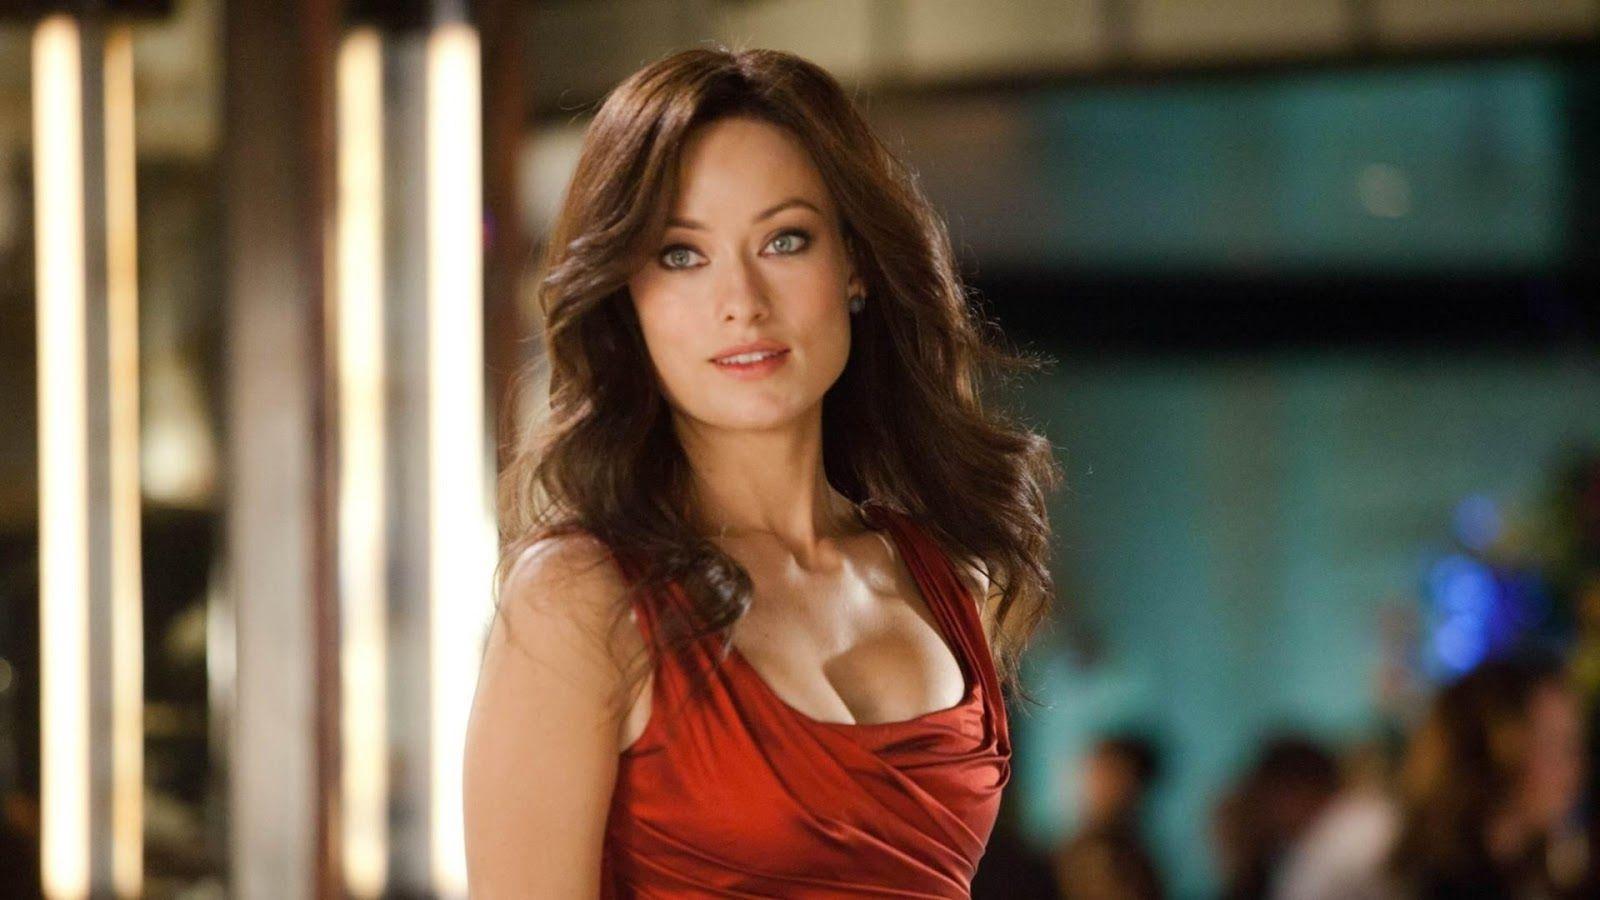 Rachel Nichols hot hd wallpapers - ACTRESS HD WALLPAPERS   Mooie vrouw, Actrices, Vrouw